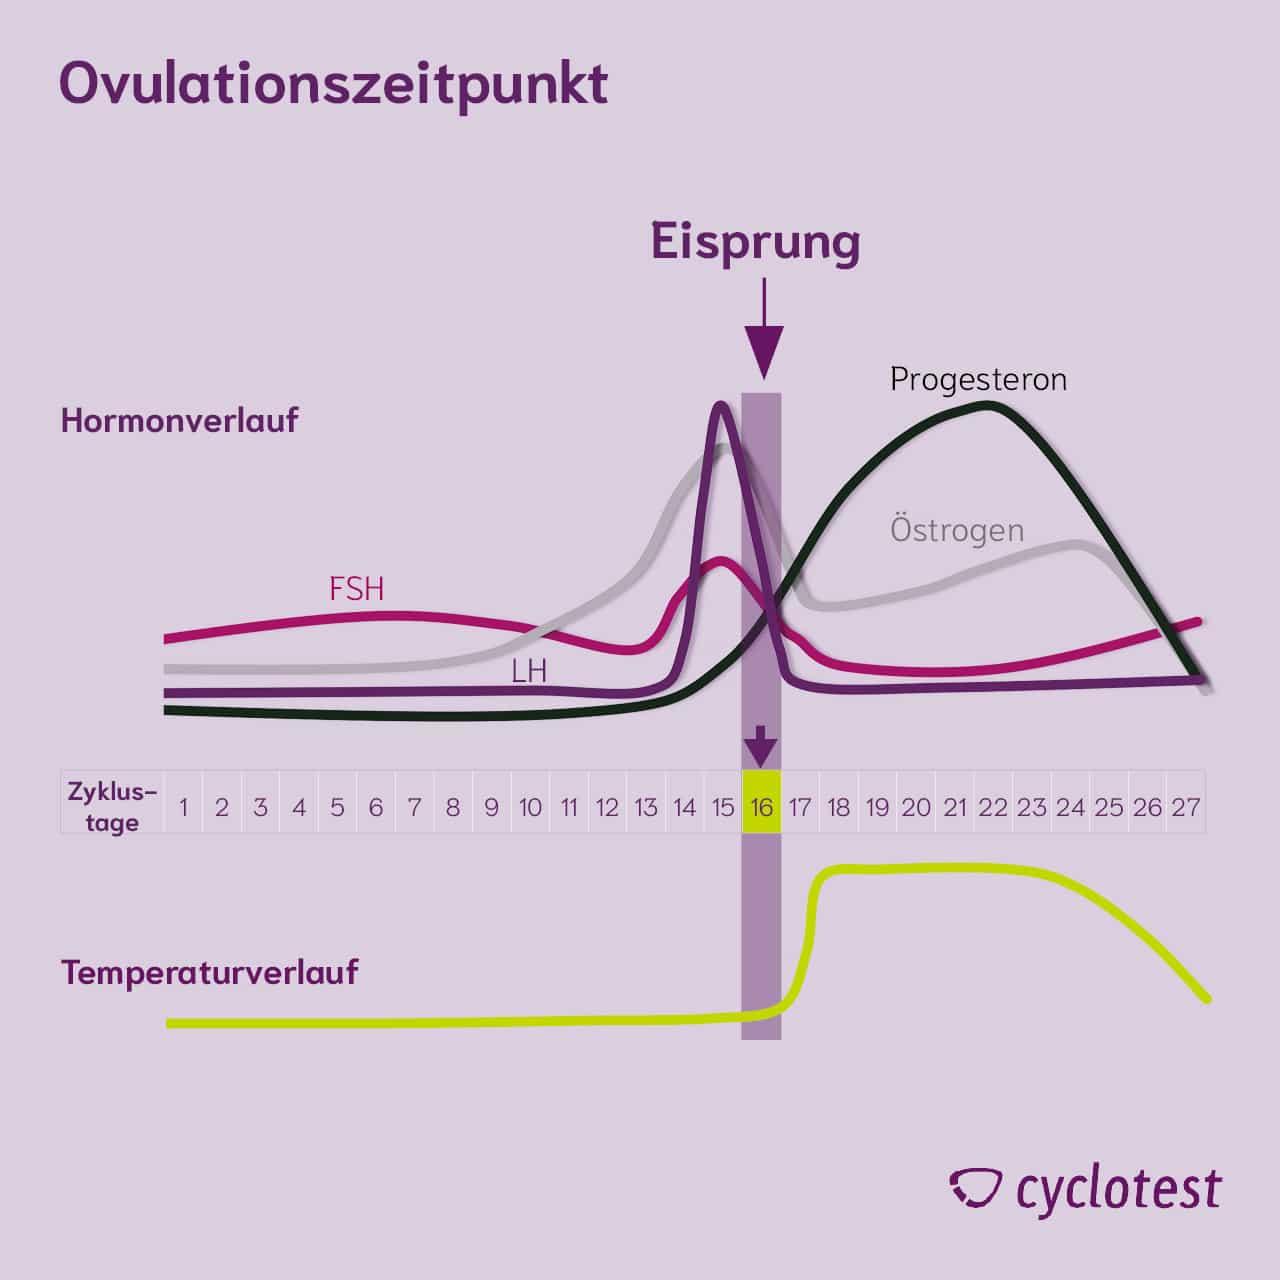 Darstellung des Verlaufs der Hormone FSH, LH, Progesteron und Östrogen sowie der Temperatur beim Eisprung.